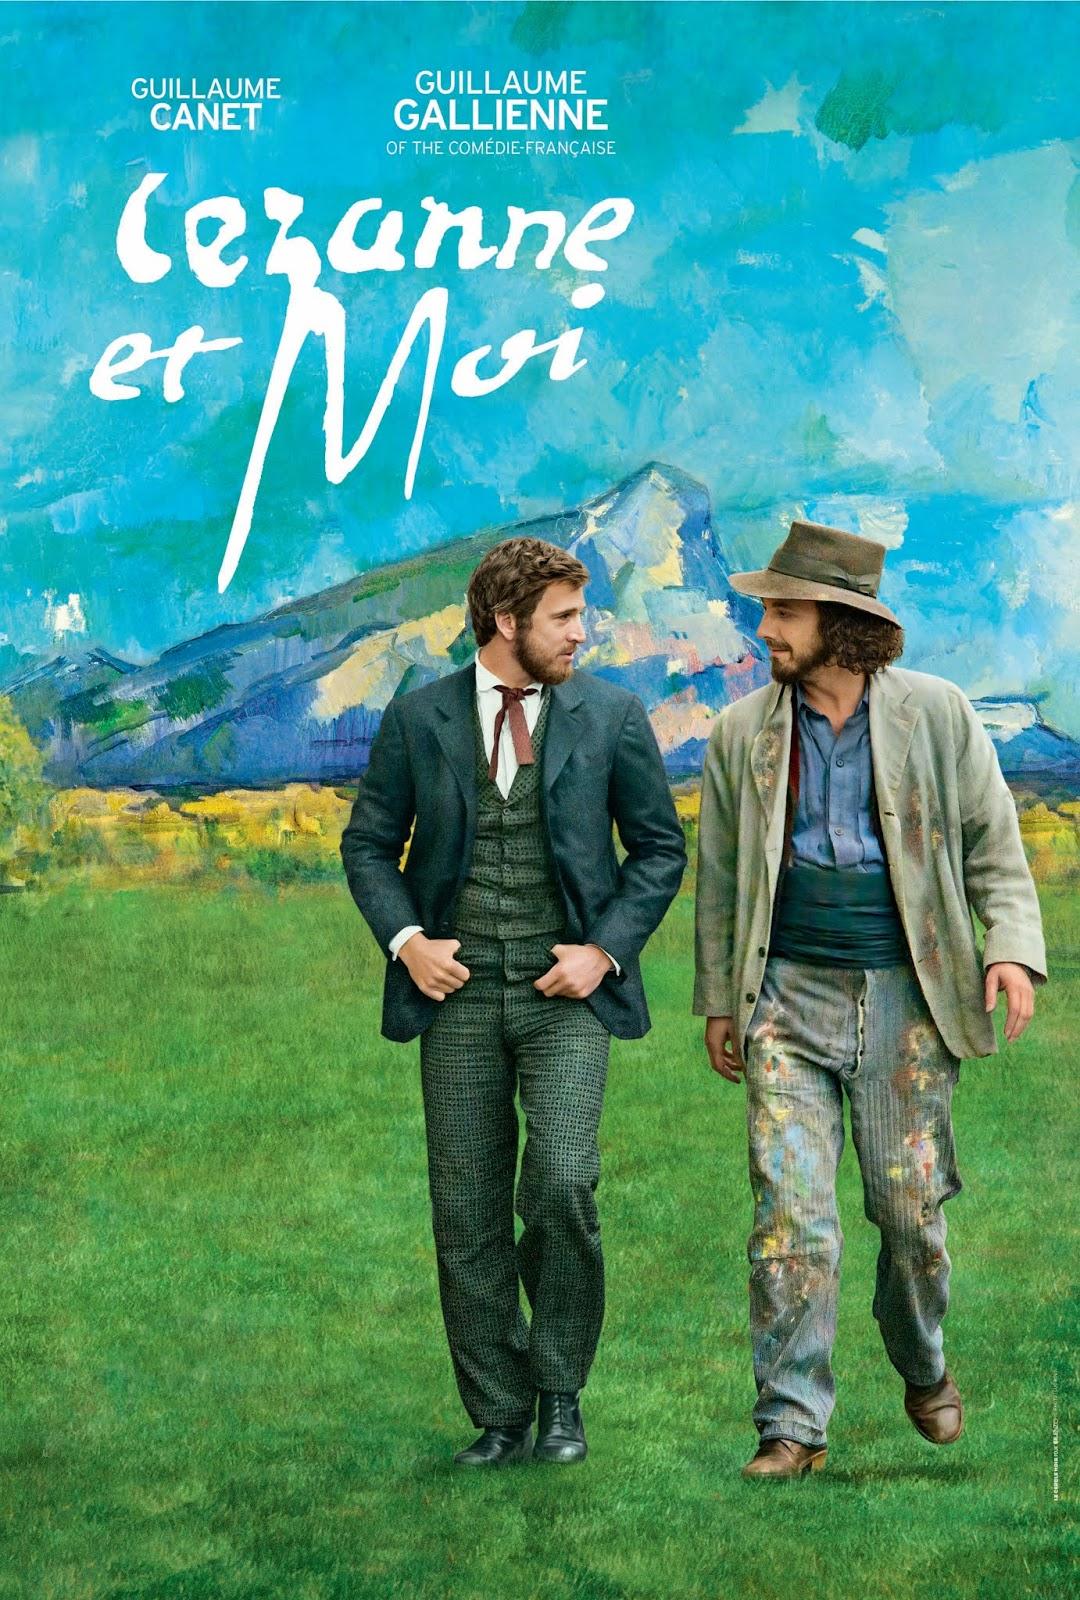 Cézanne et moi [2015] [DVDR] [PAL] [Español]